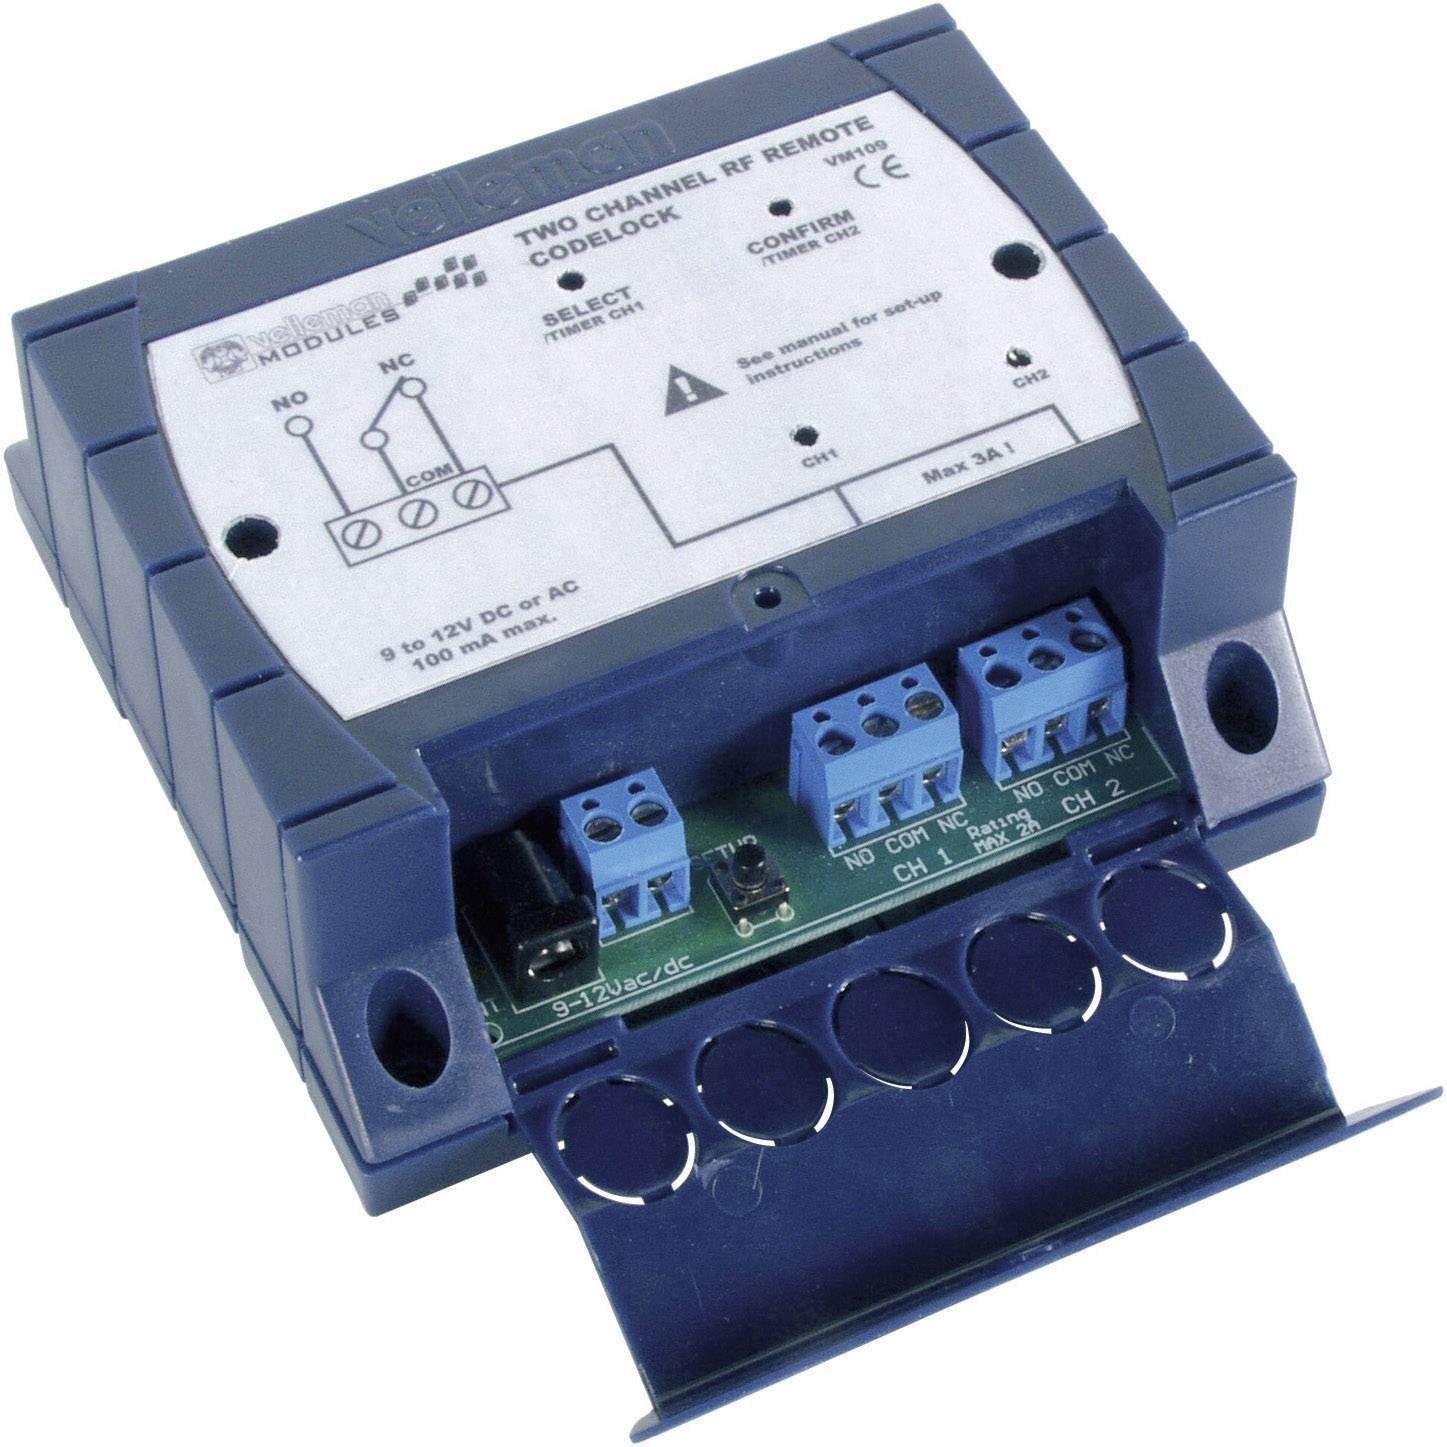 2 kanálový vysielač / prijímač Velleman Max.dosah: 30 m 12 V / DC